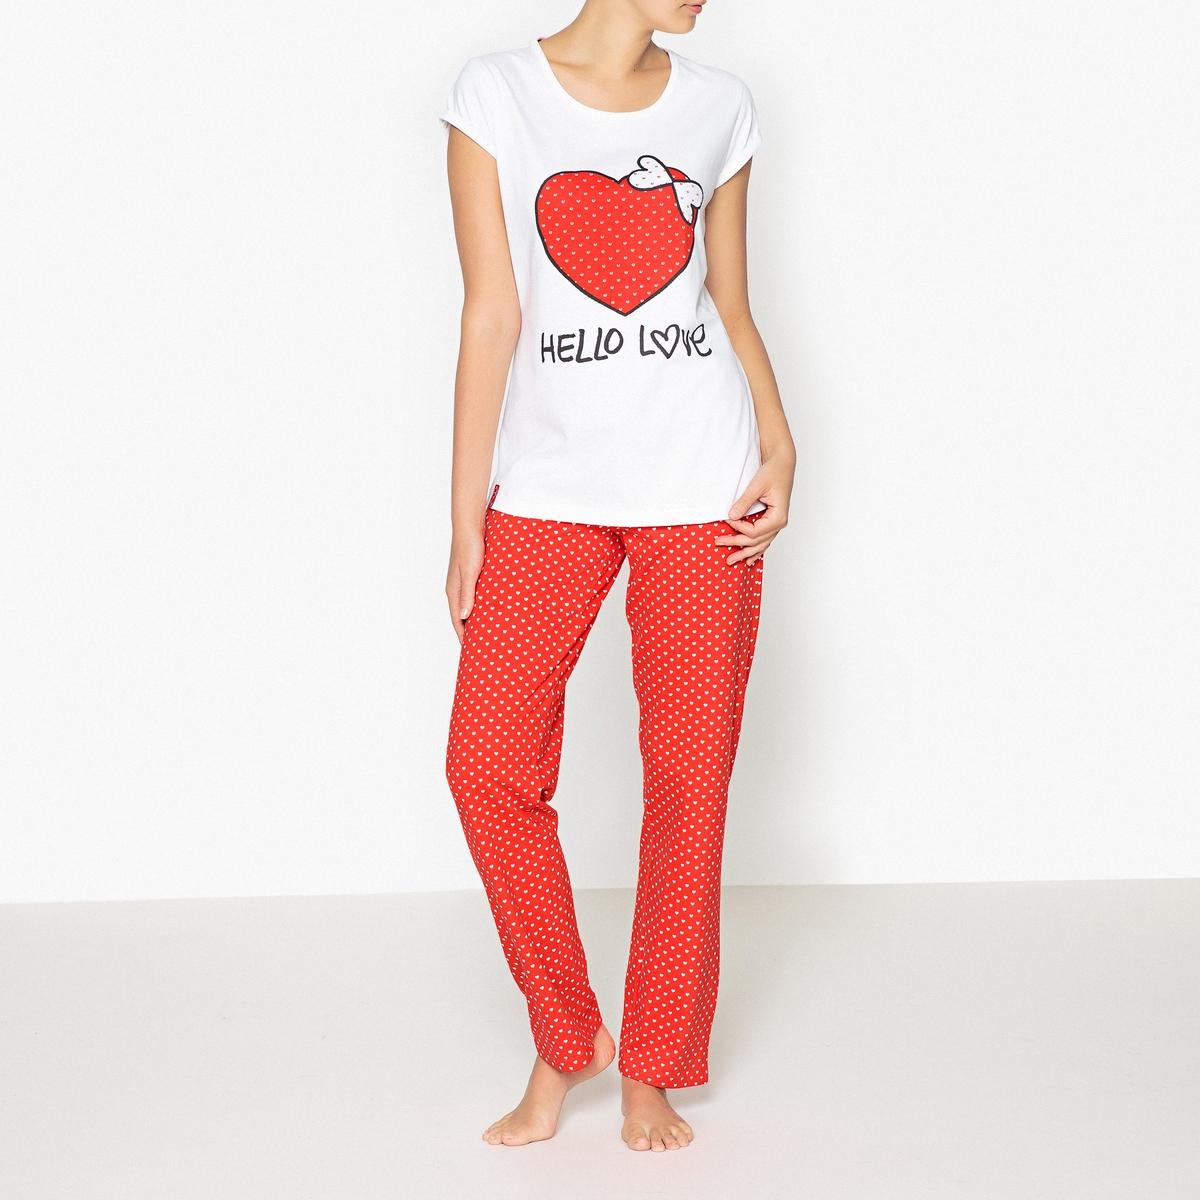 Пижама с принтом, LoveliesРисунок в виде большого сердца, принт из маленьких сердечек... в этой пижаме Lovelies, вы будете окружены любовью !Состав и описаниеРаздельная пижама, верх с принтом, круглый вырез, короткие рукава  .Брюки с завязками и эластичным поясом .Марка : LoveliesМатериал : 100% хлопок Уход: :Машинная стирка при 30 °С на деликатном режиме с вещами схожих цветов.Стирать и гладить при низкой температуре с изнаночной стороны.Машинная сушка запрещена.<br><br>Цвет: набивной рисунок